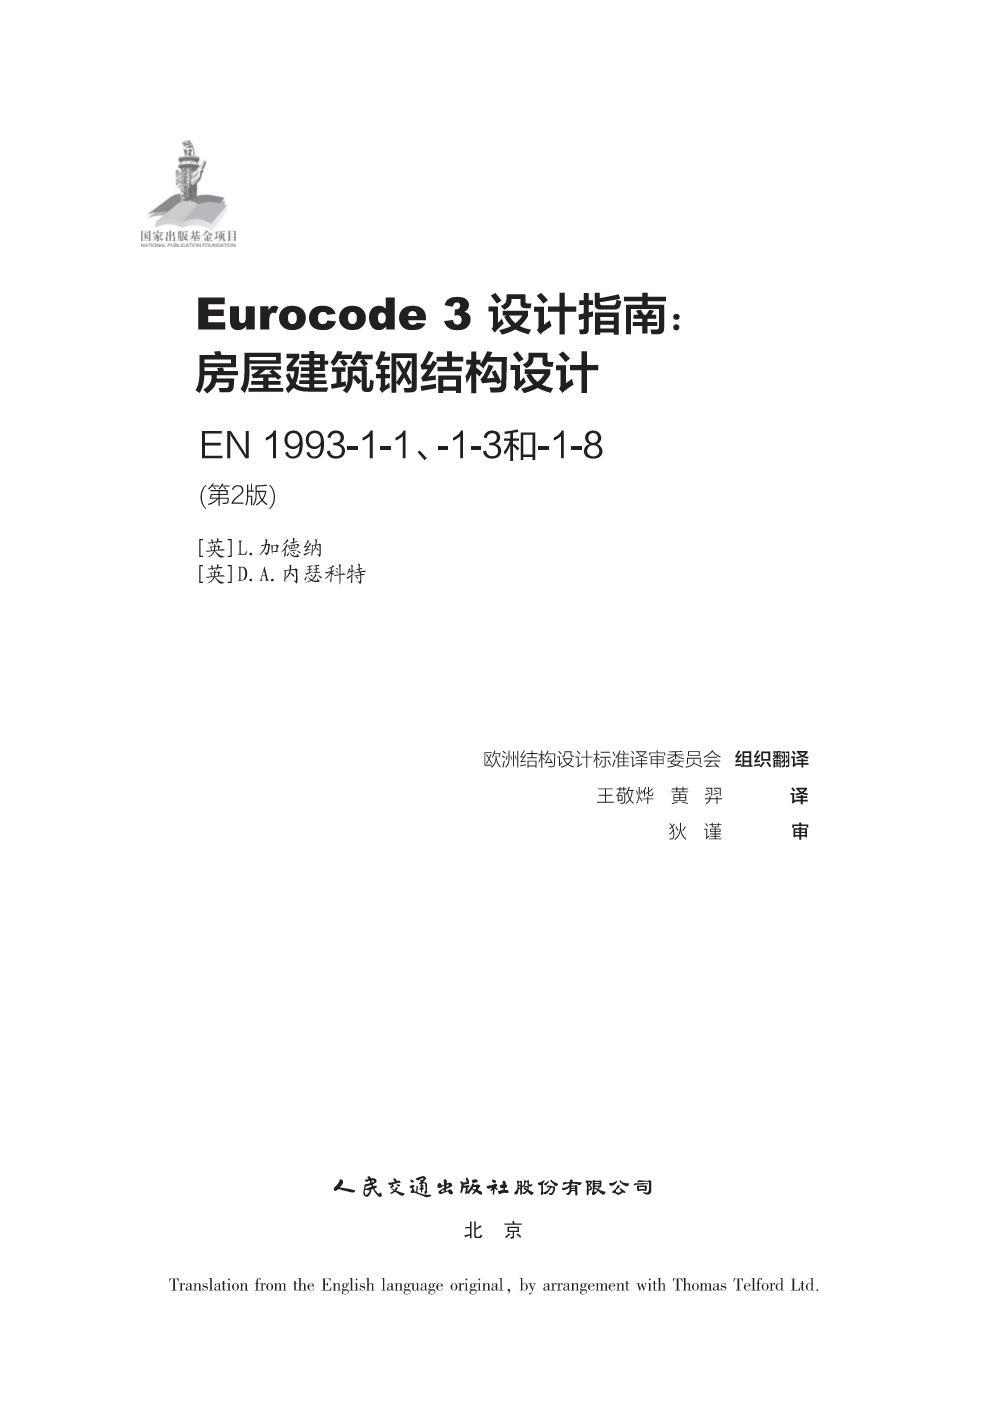 欧洲标准-Eurocode3设计指南:房屋建筑钢结构设计EN1993-1-1、-1-3和-1-8(第2版)-Page-002